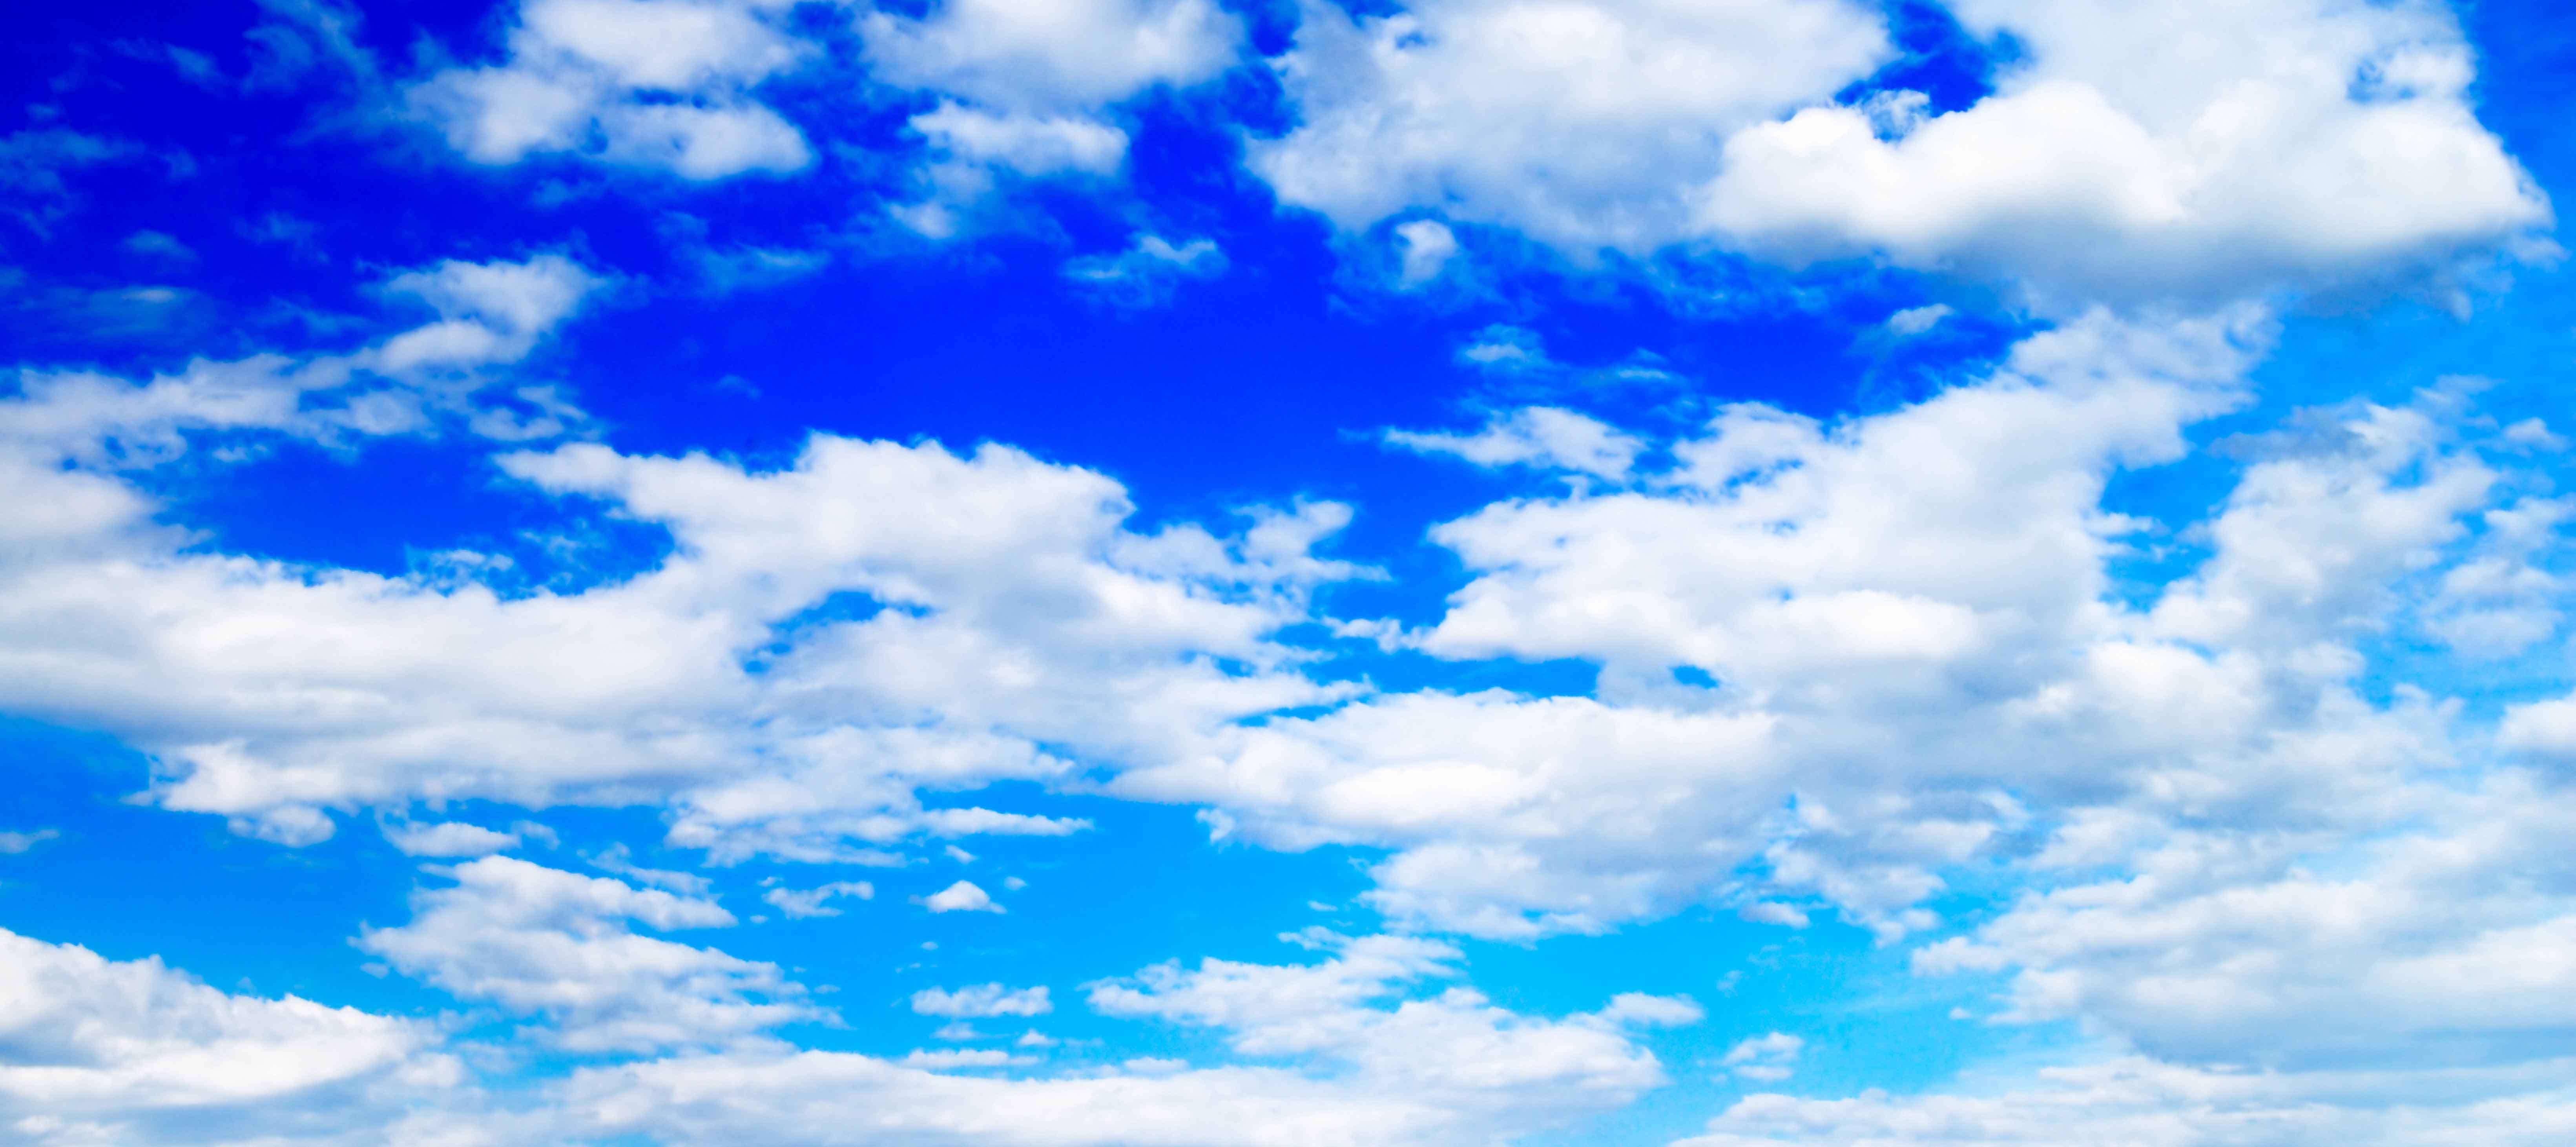 مجموعه پنج تصویر با کیفیت در موضوع ابر